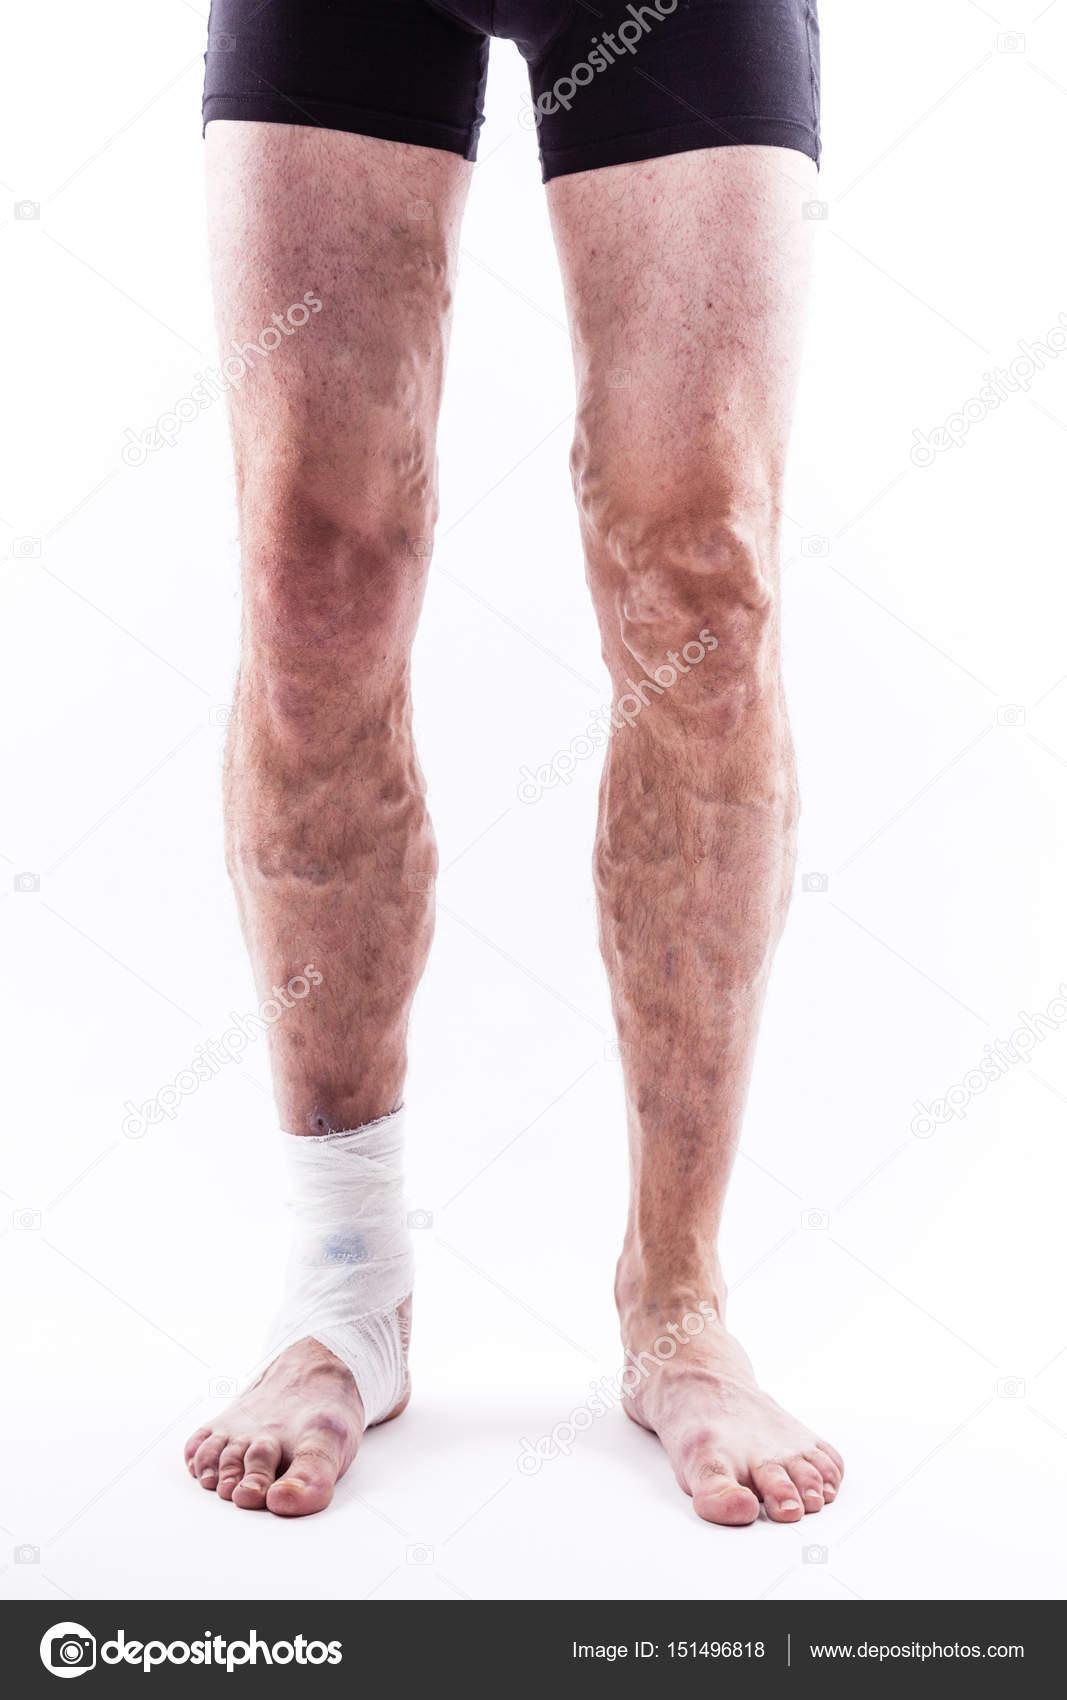 flubiet in de benen